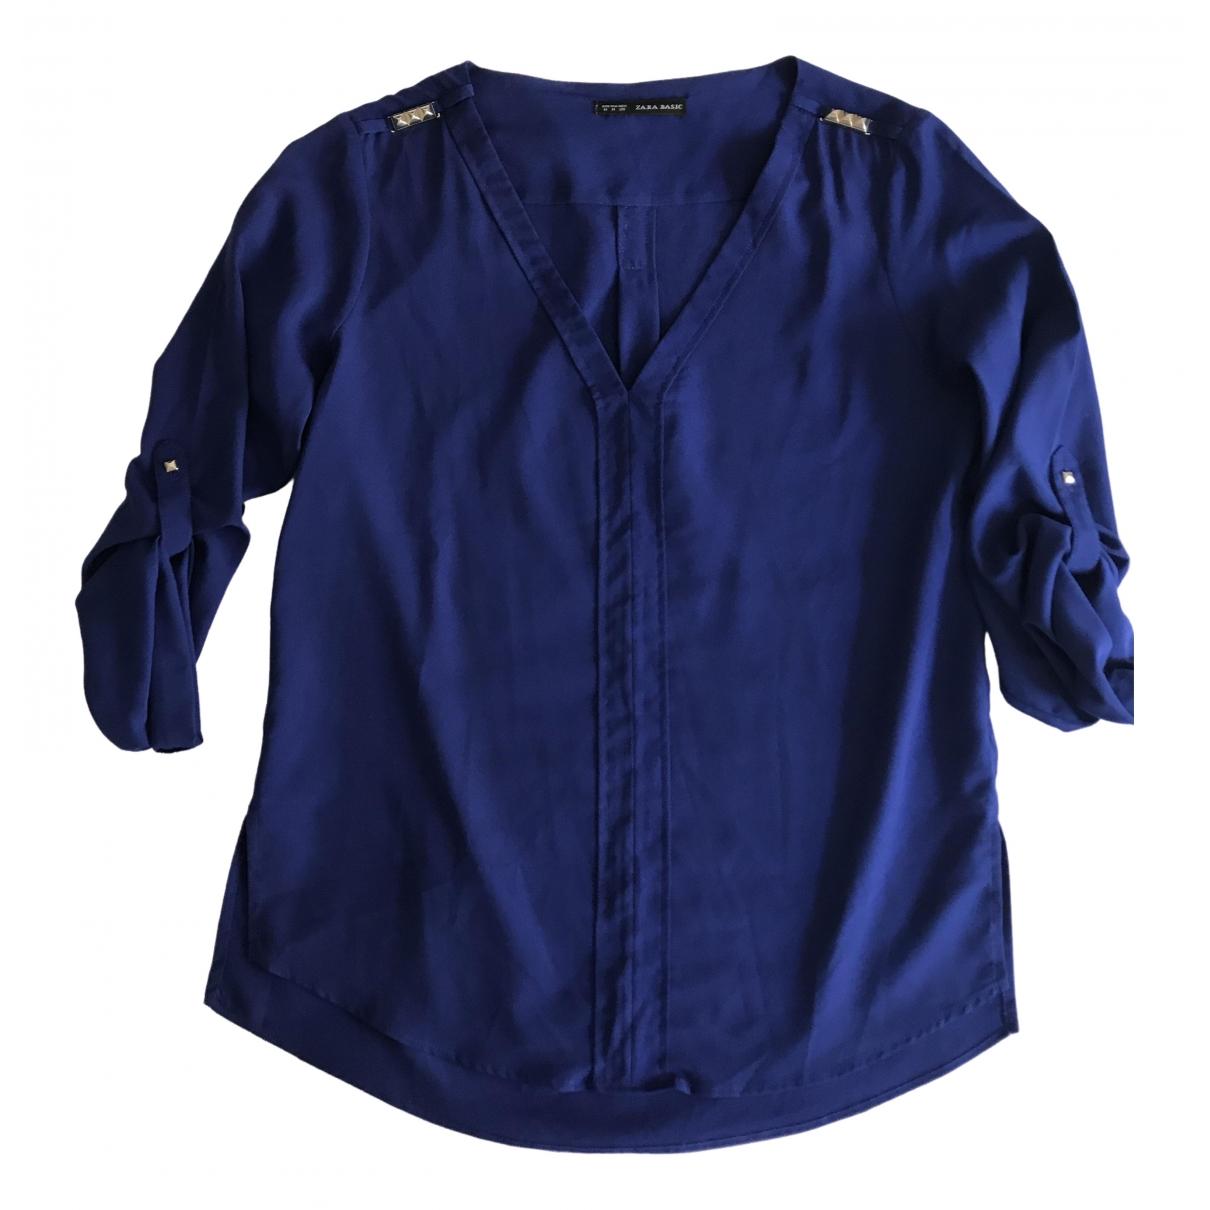 Zara \N Blue Knitwear for Women L International